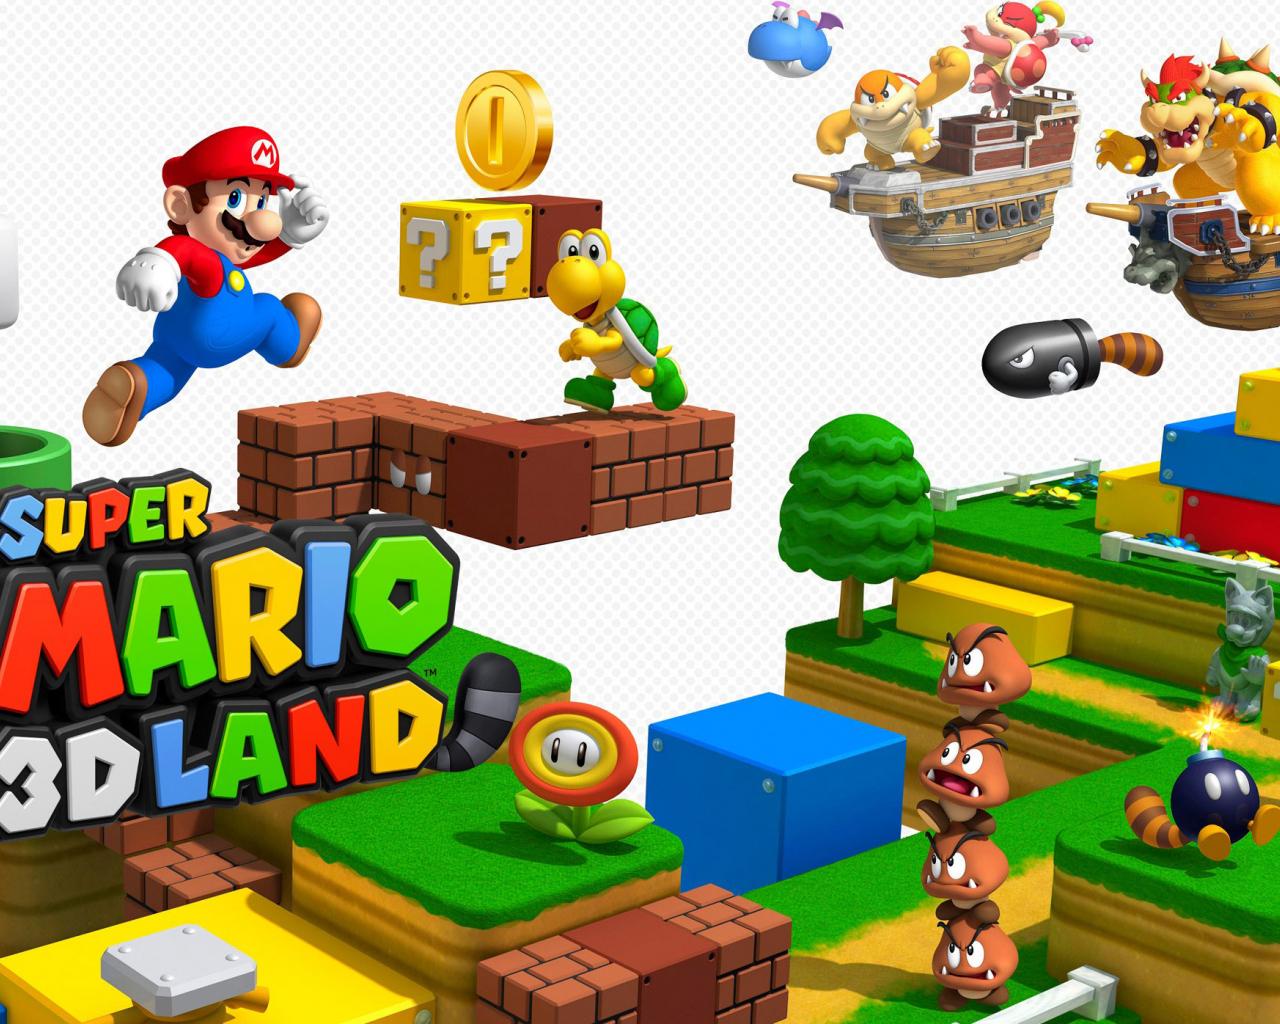 Free Download 2260514 Super Mario 3d Land Wallpaper 2560x1396